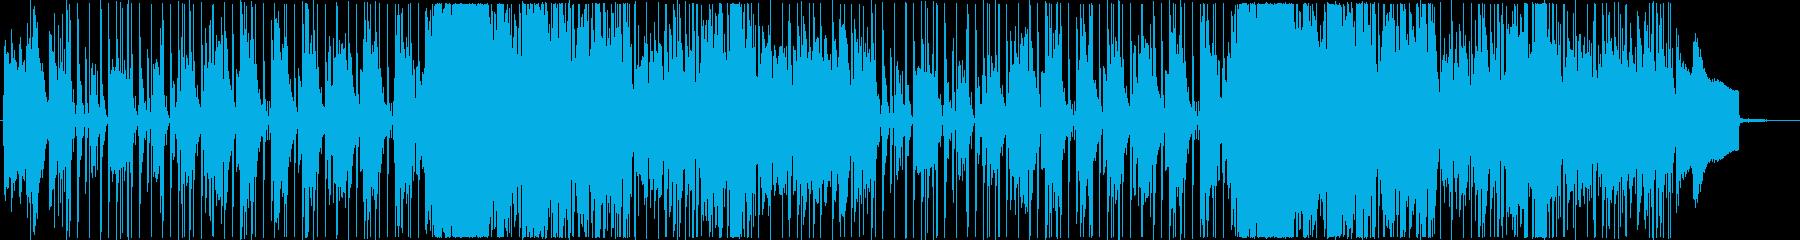 生演奏フルートの大人びたジャズ・ファンクの再生済みの波形